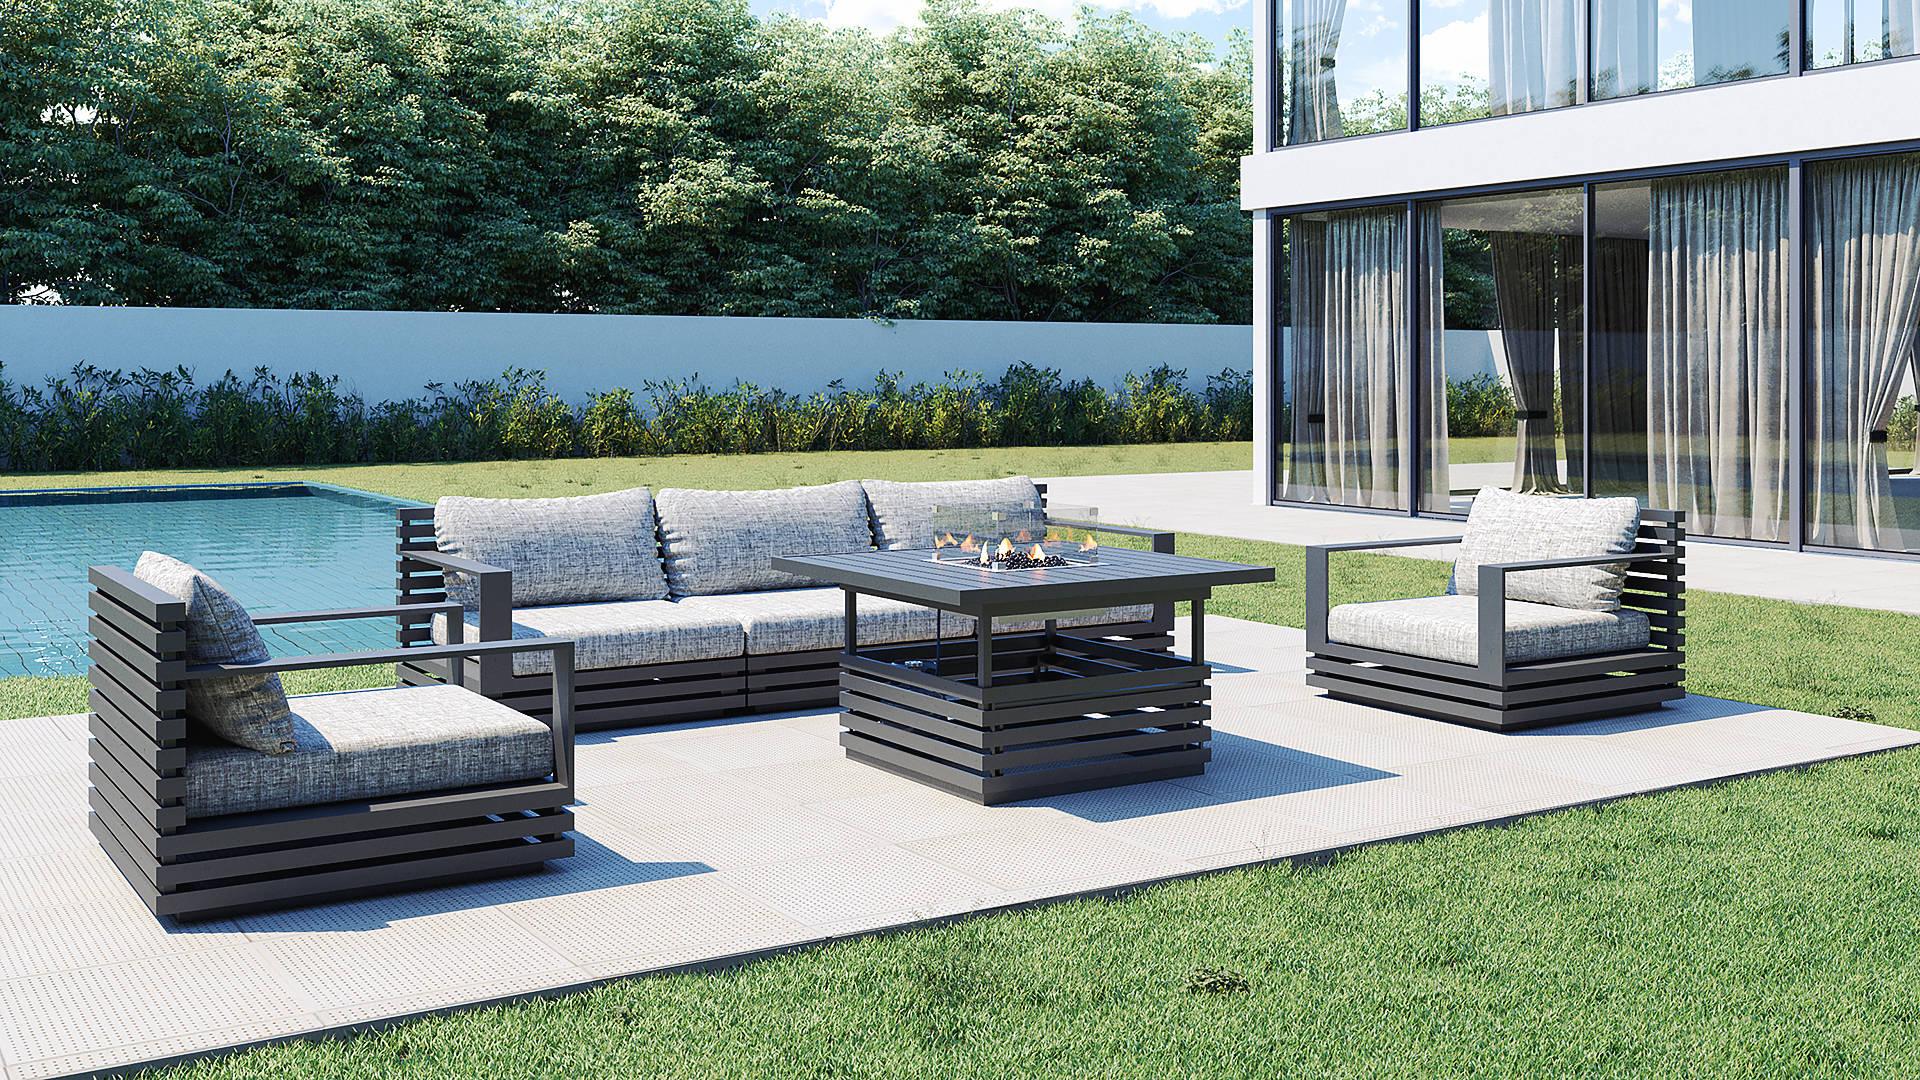 Rn-4 M Lounge Garnitur Mit Höhenverstellbaren Feuertisch ... dedans Artelia Feuertisch